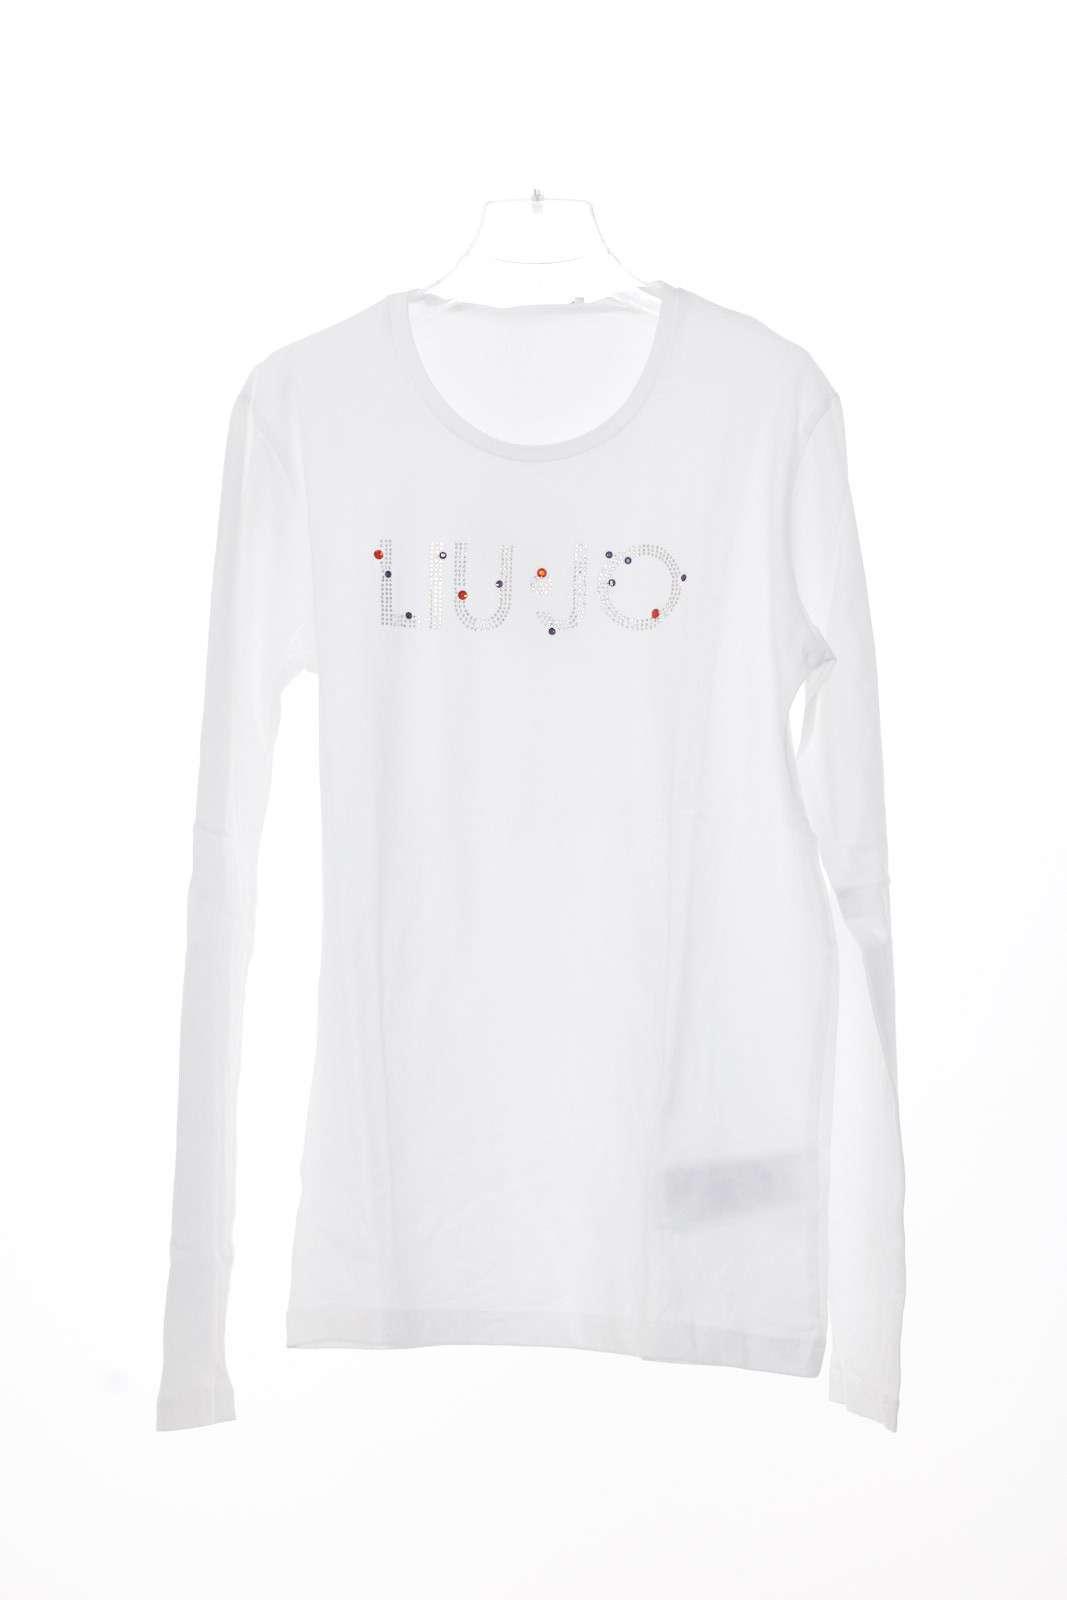 T shirt dal taglio semplice, luminosa per la scritta del logo in strass colorati che danno luce al capo.